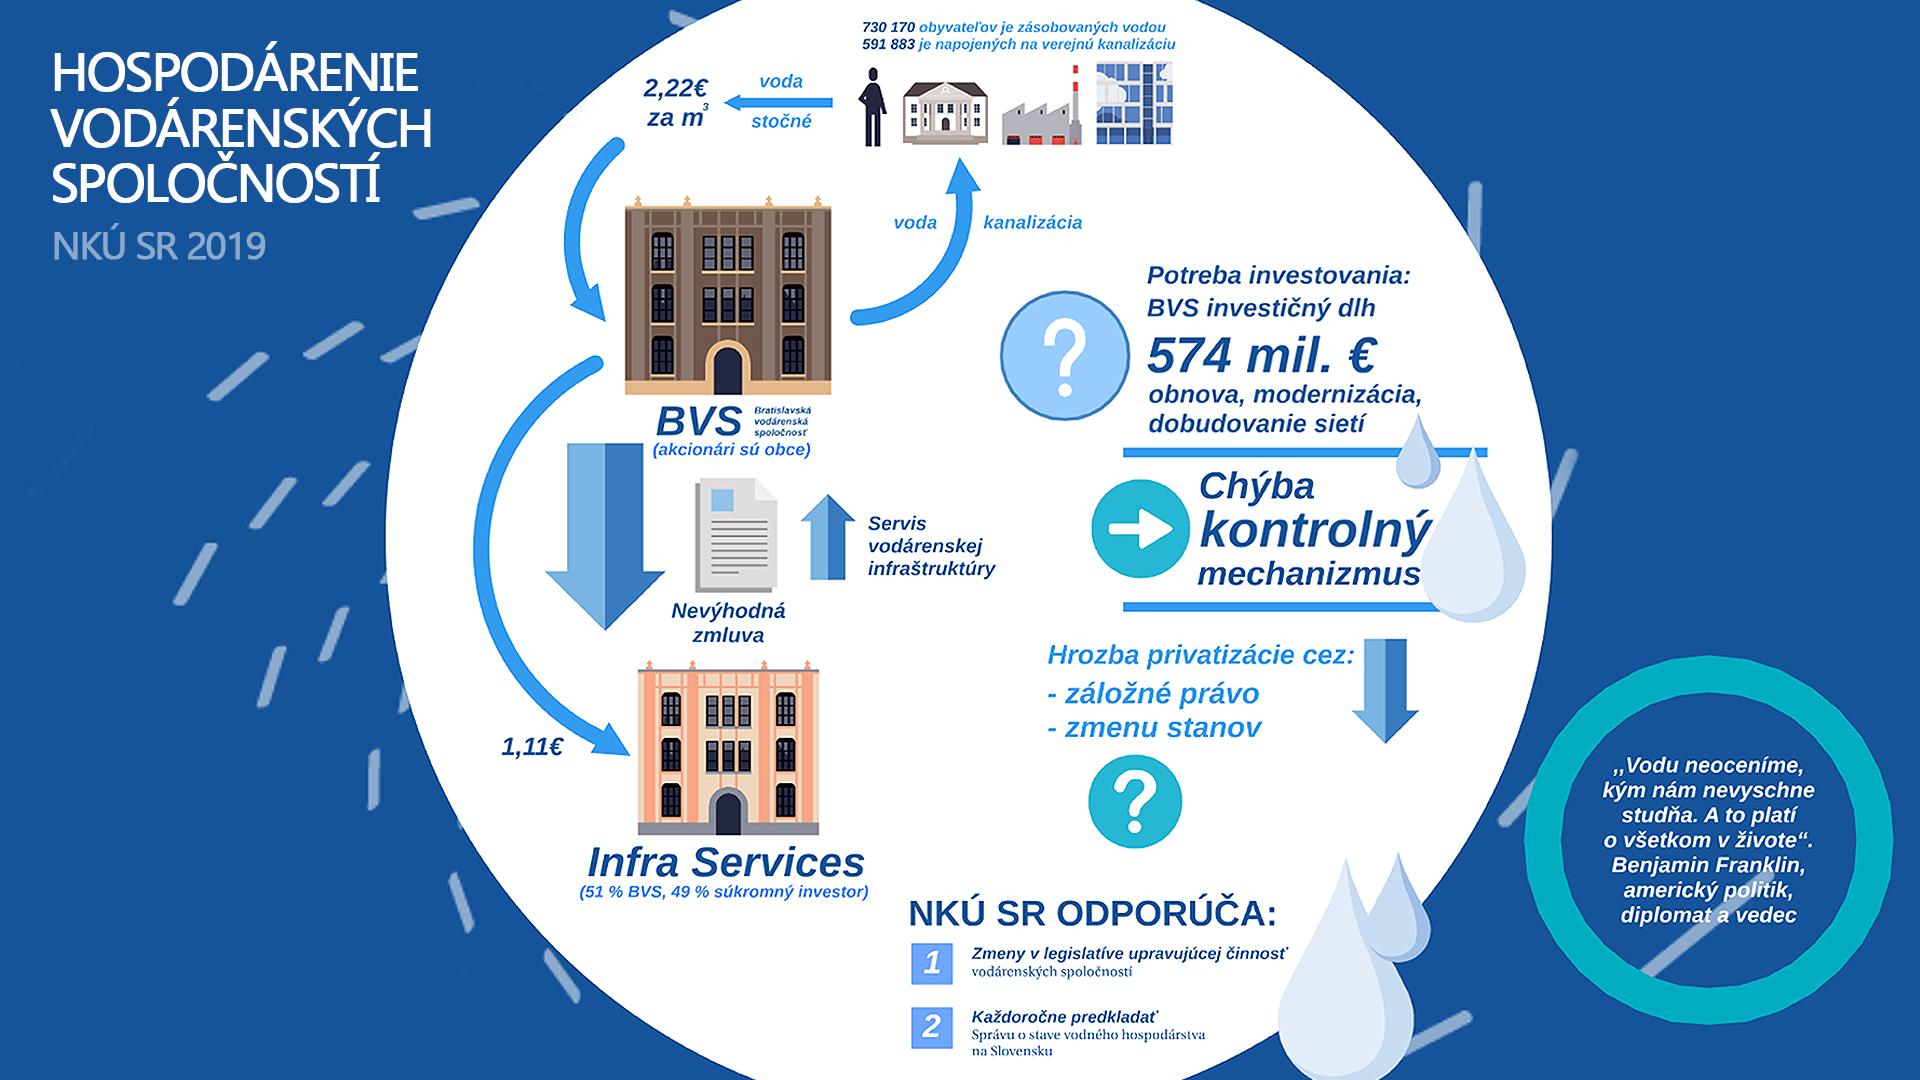 Infografika hospodárenie vodárenských spoločností